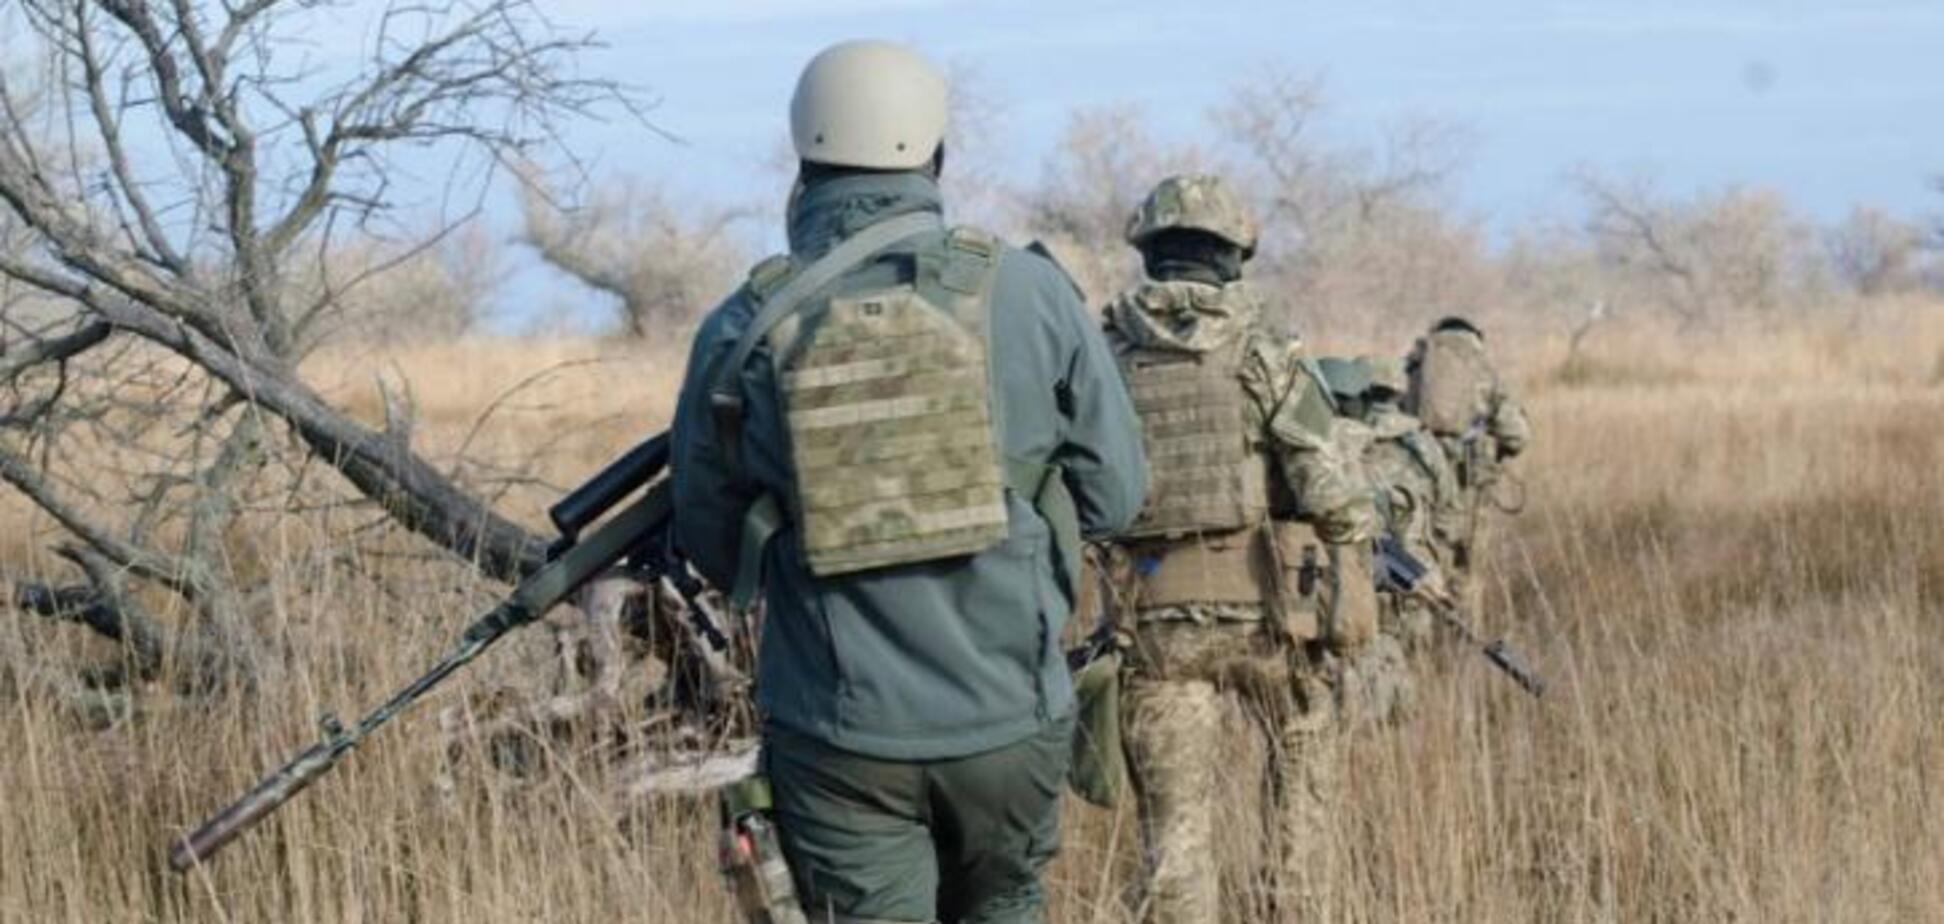 На Донбассе активизировались террористы: ранен боец ООС